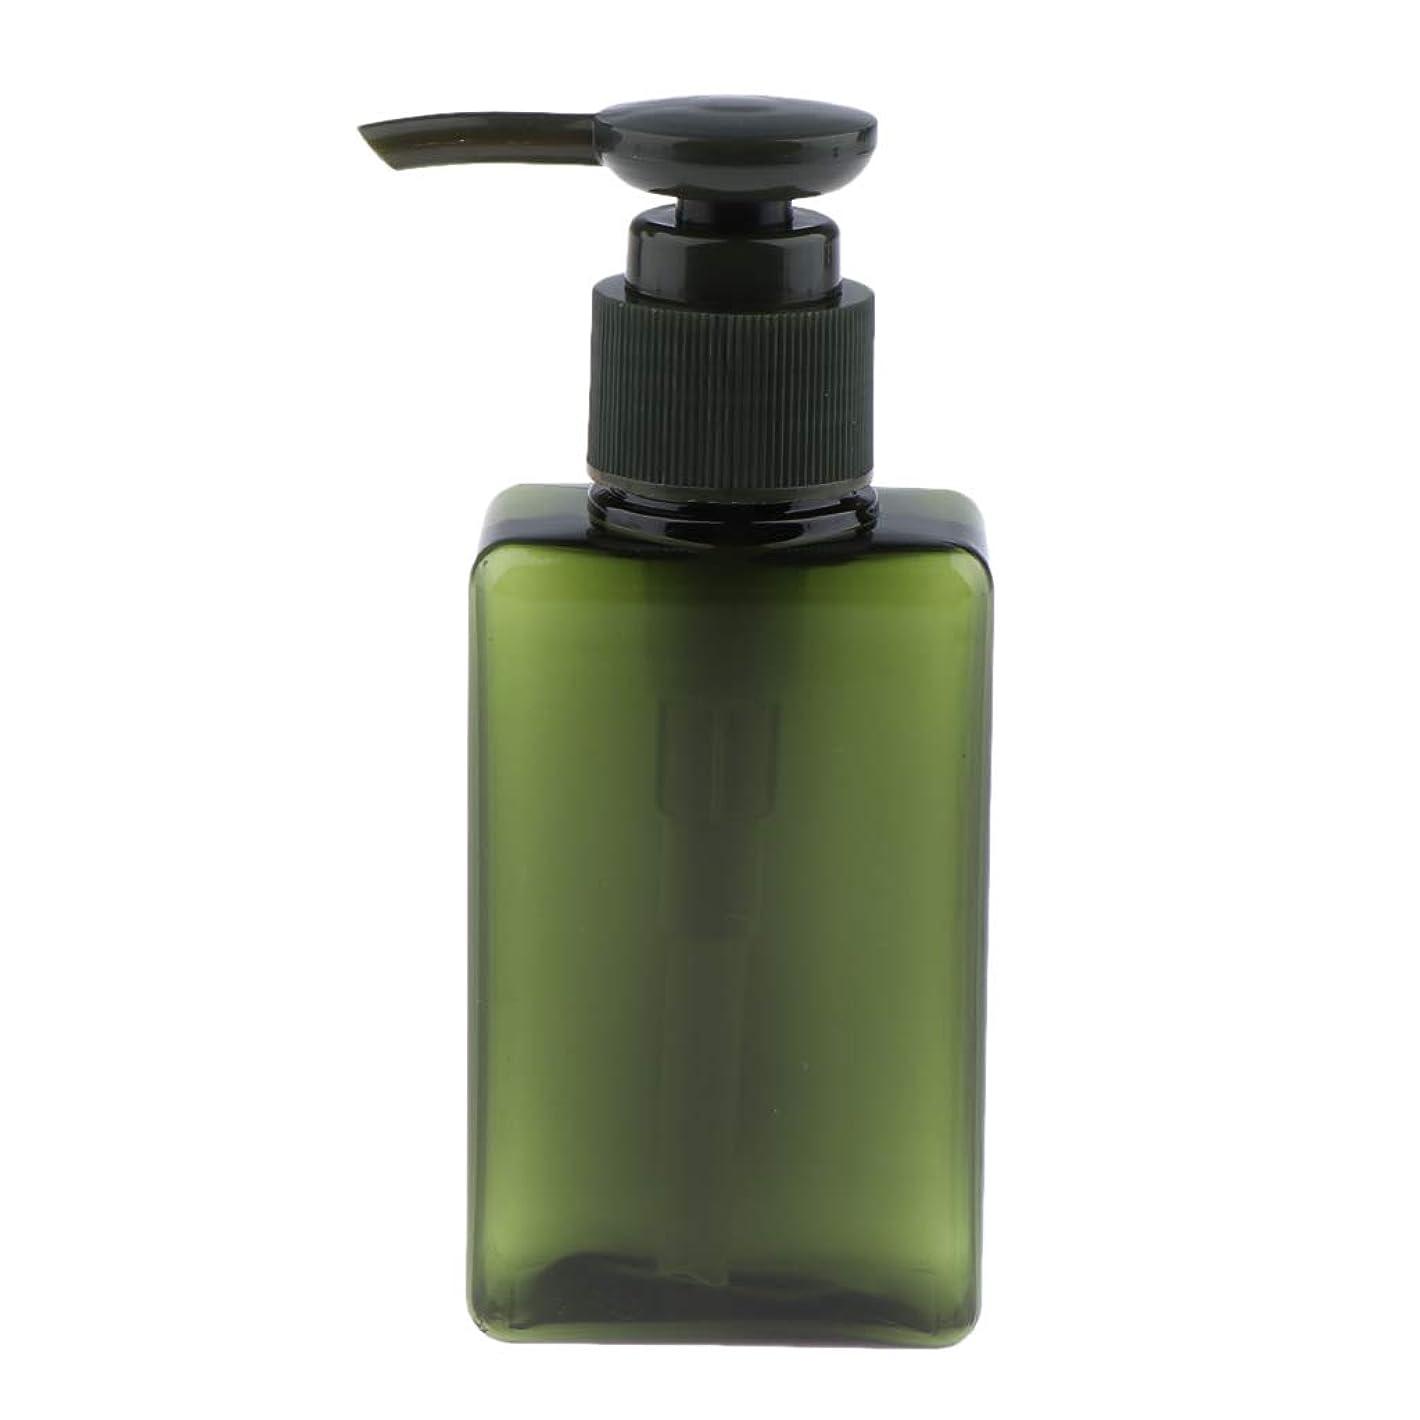 投げ捨てる未就学一族P Prettyia 化粧品ボトル ポンプディスペンサー シャンプー コスメ 詰替え容器 6色選べ - 緑